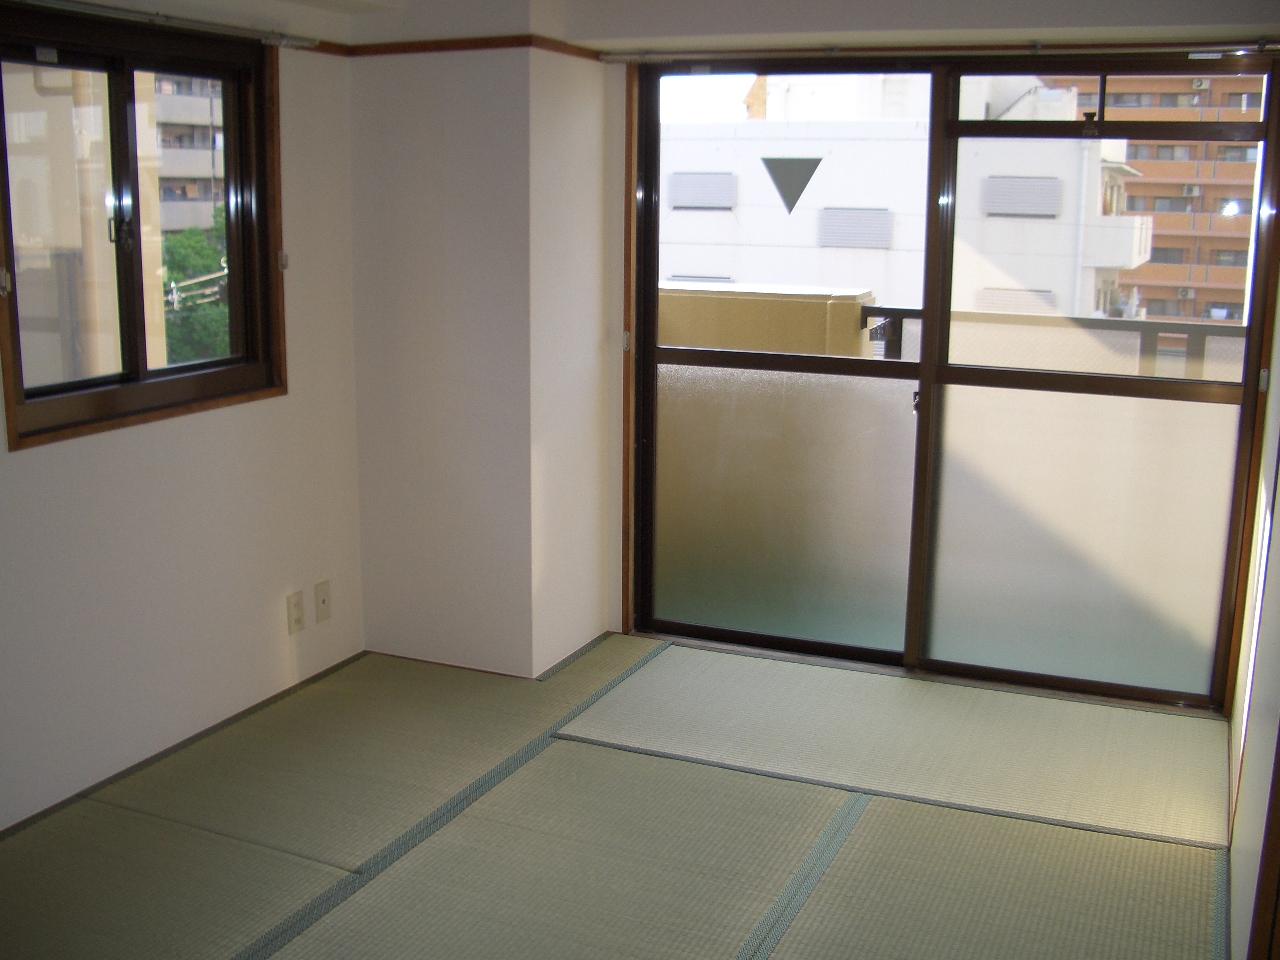 物件番号: 1068101501 パークロッジ  大阪市淀川区木川東4丁目 2DK マンション 画像1